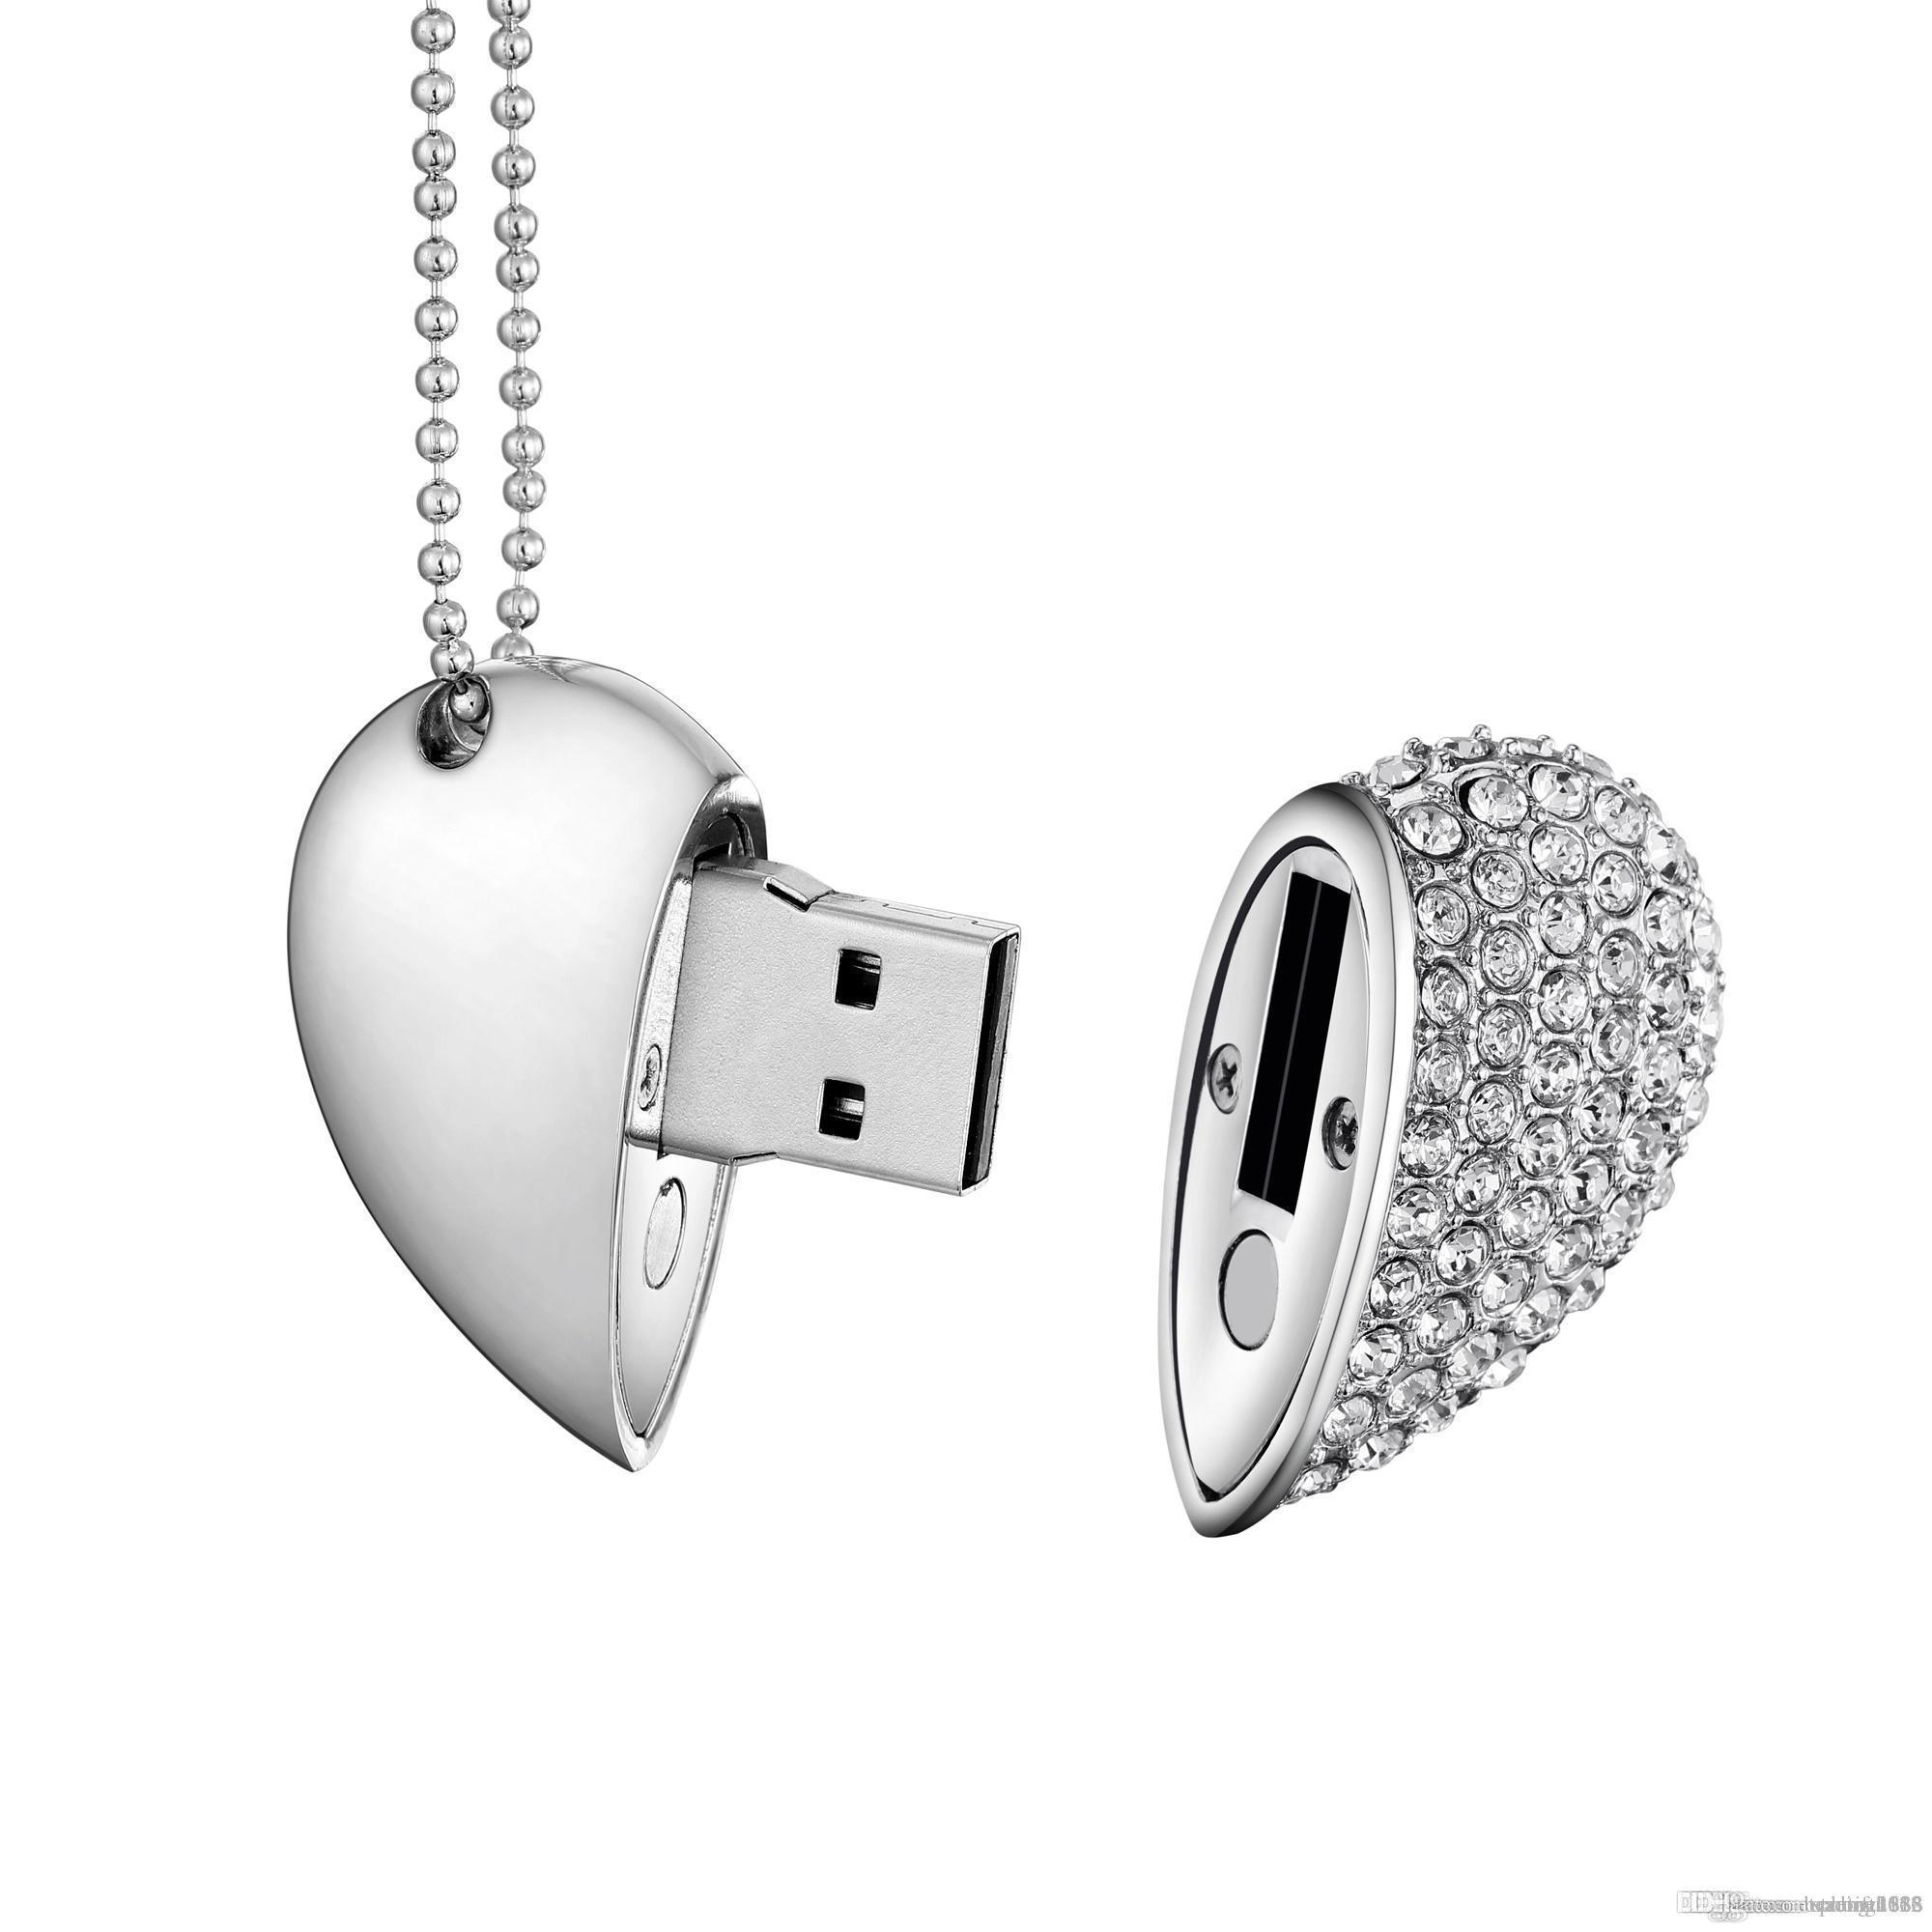 Novo Design real capacidade Coração de Cristal USB 2.0 Flash Drive Memory Stick de 16 GB ~ 64GB Pendrive com colar